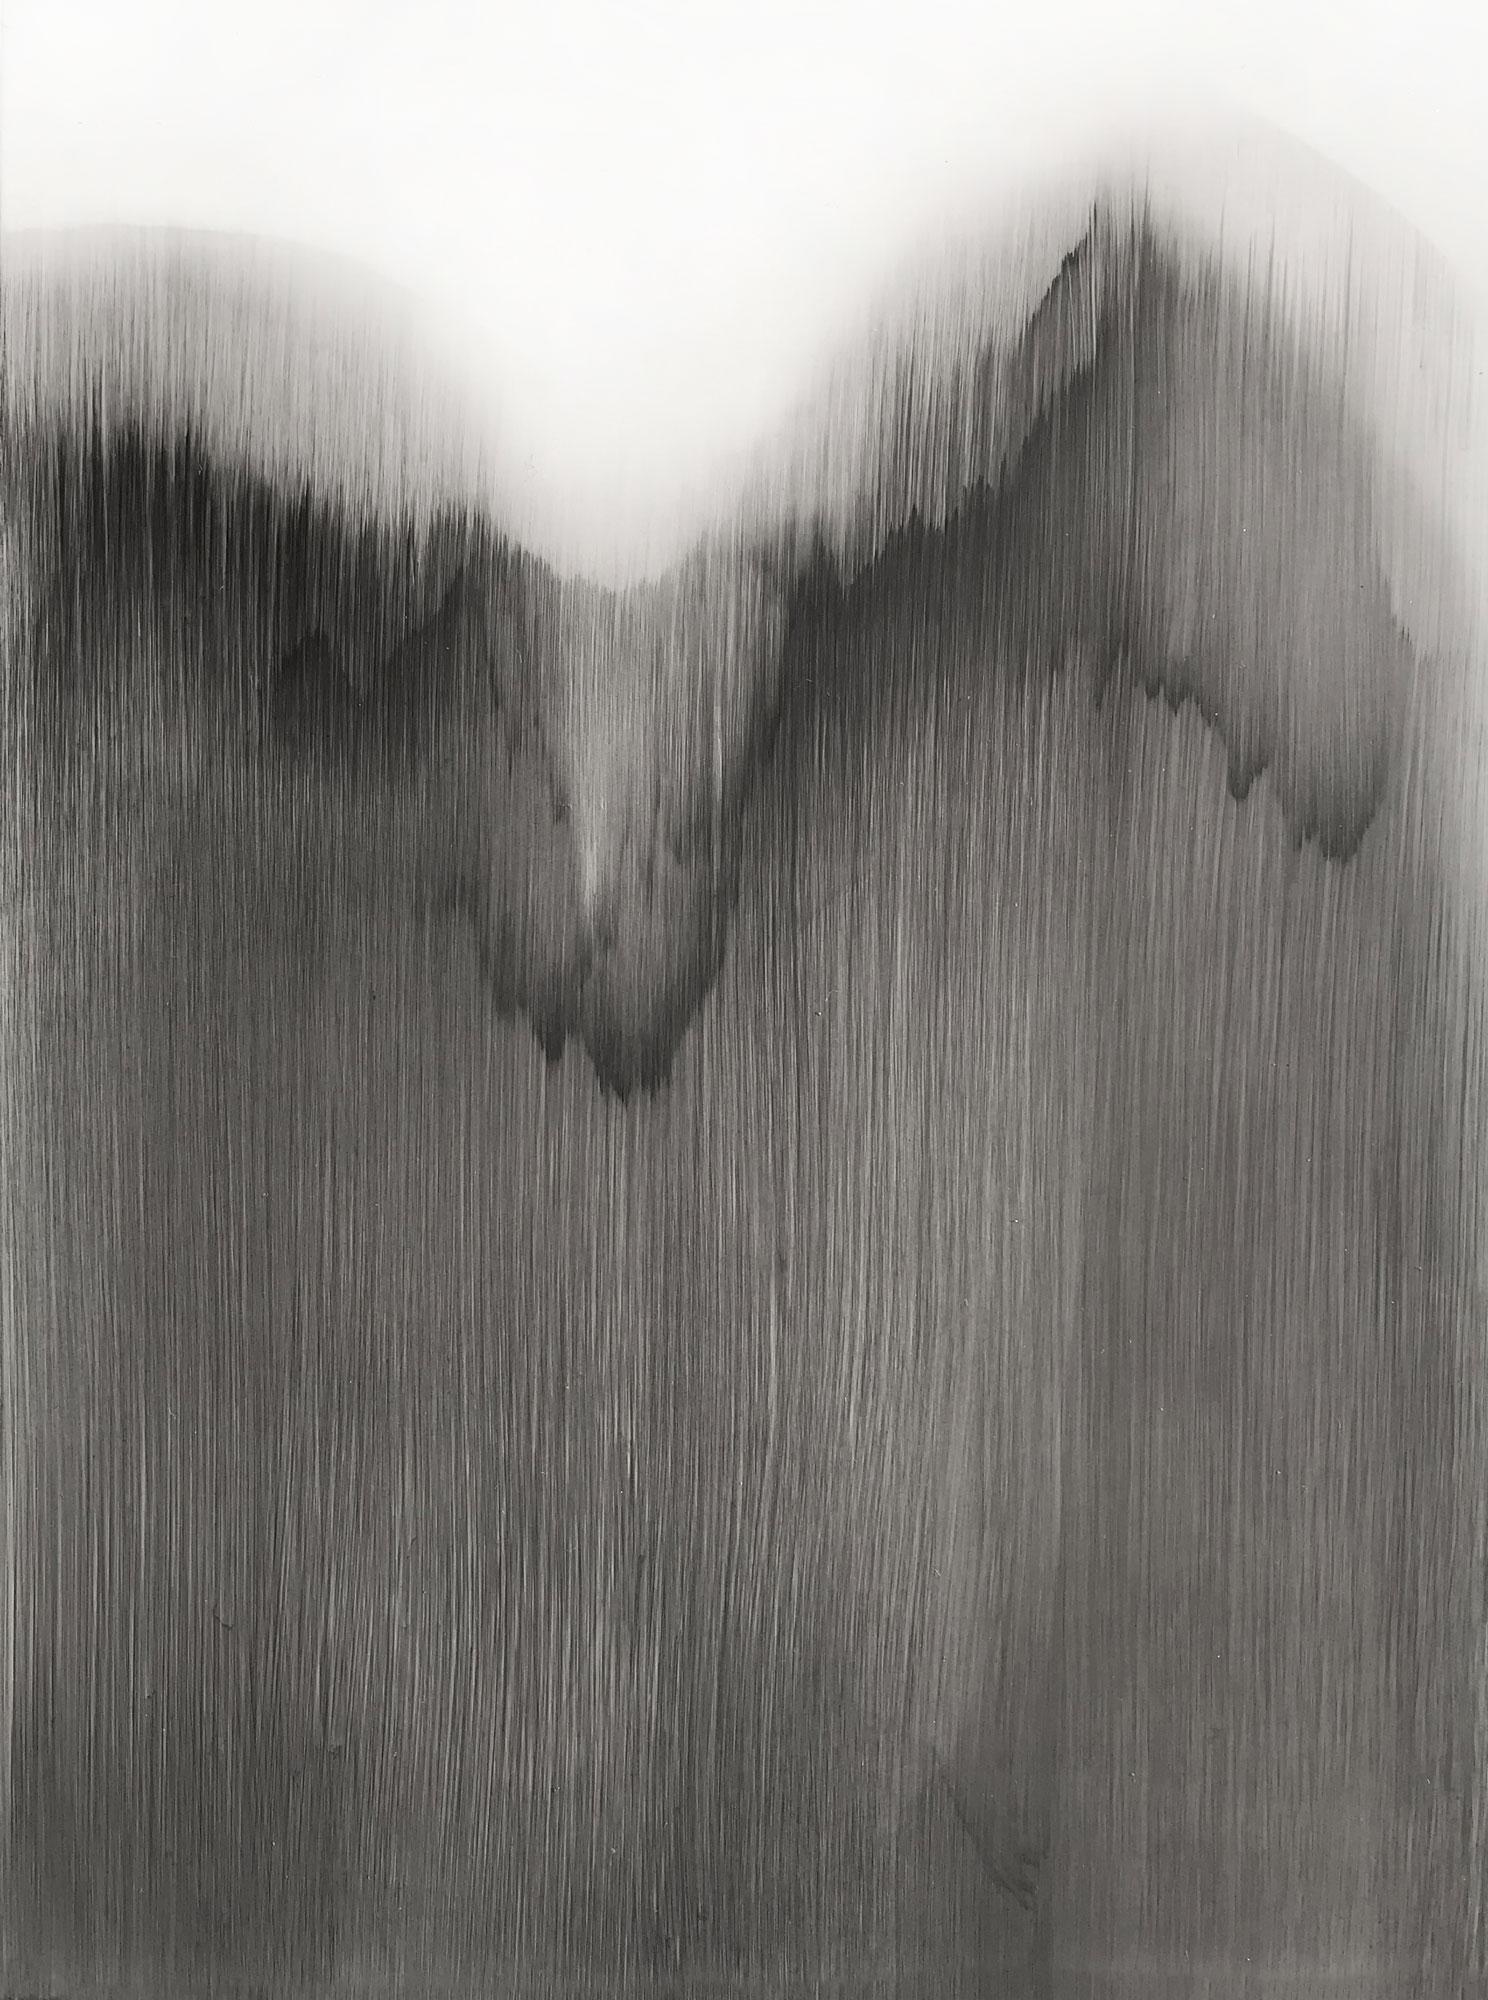 After the Rain: Castel Sant Elia3.4